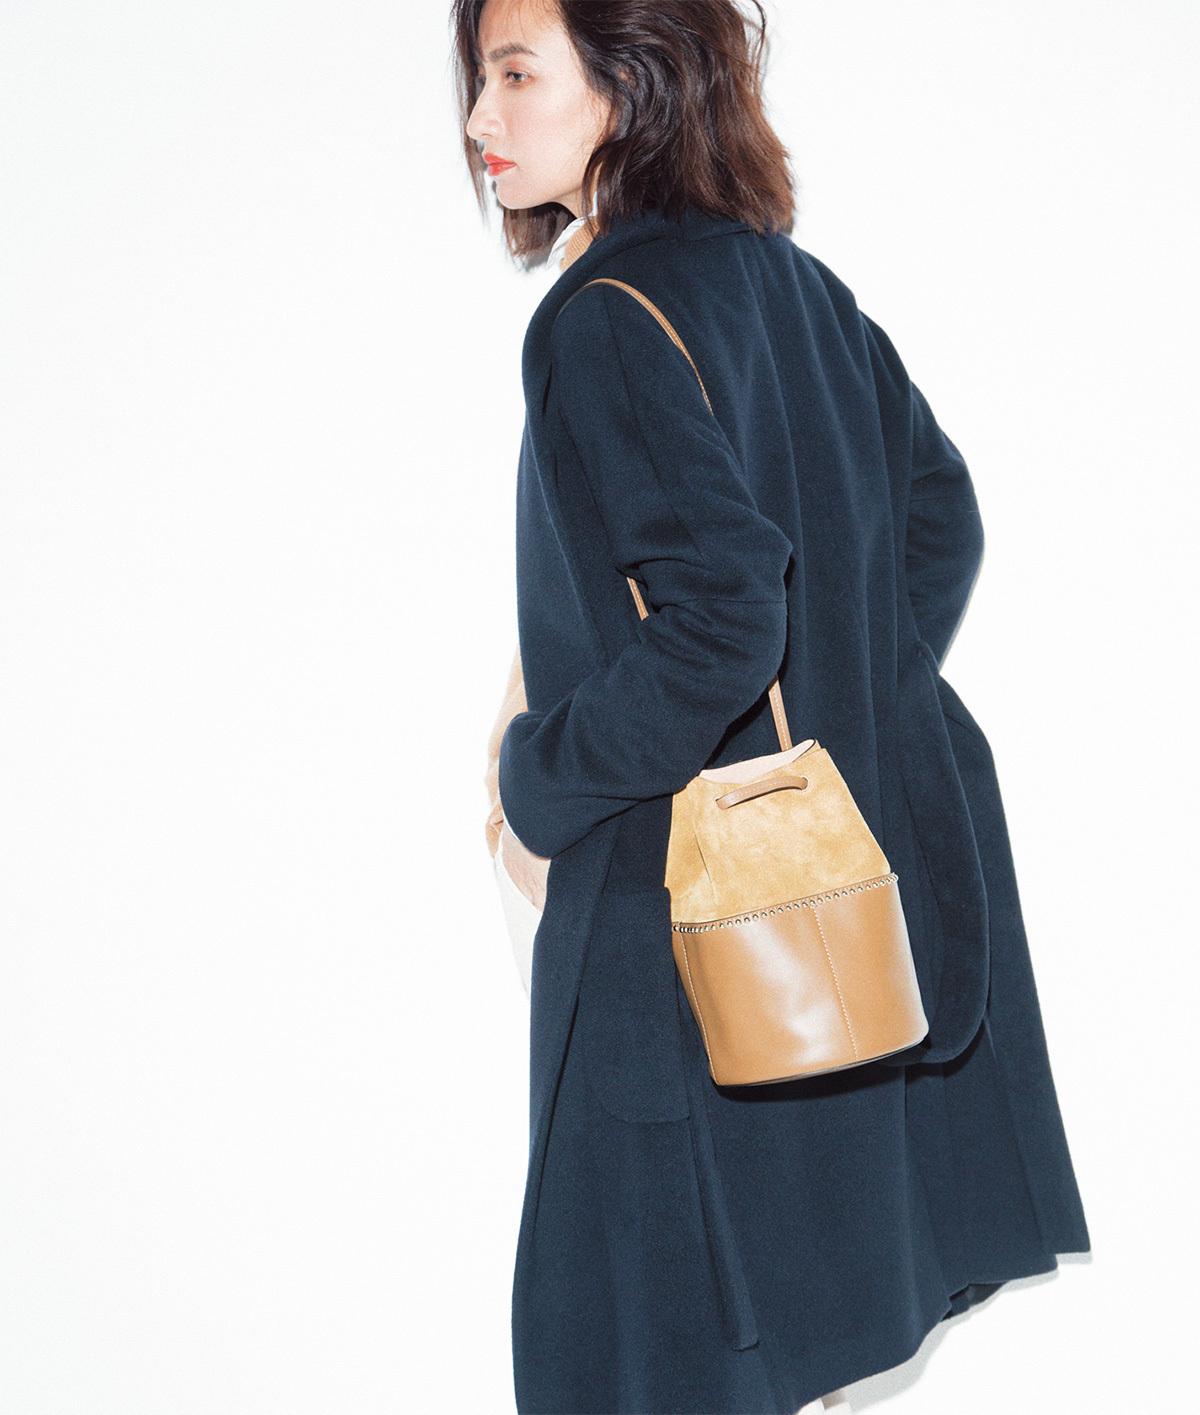 今季、スタイリストたちが「茶色のバッグ」を選ぶ3つの理由_1_2-1